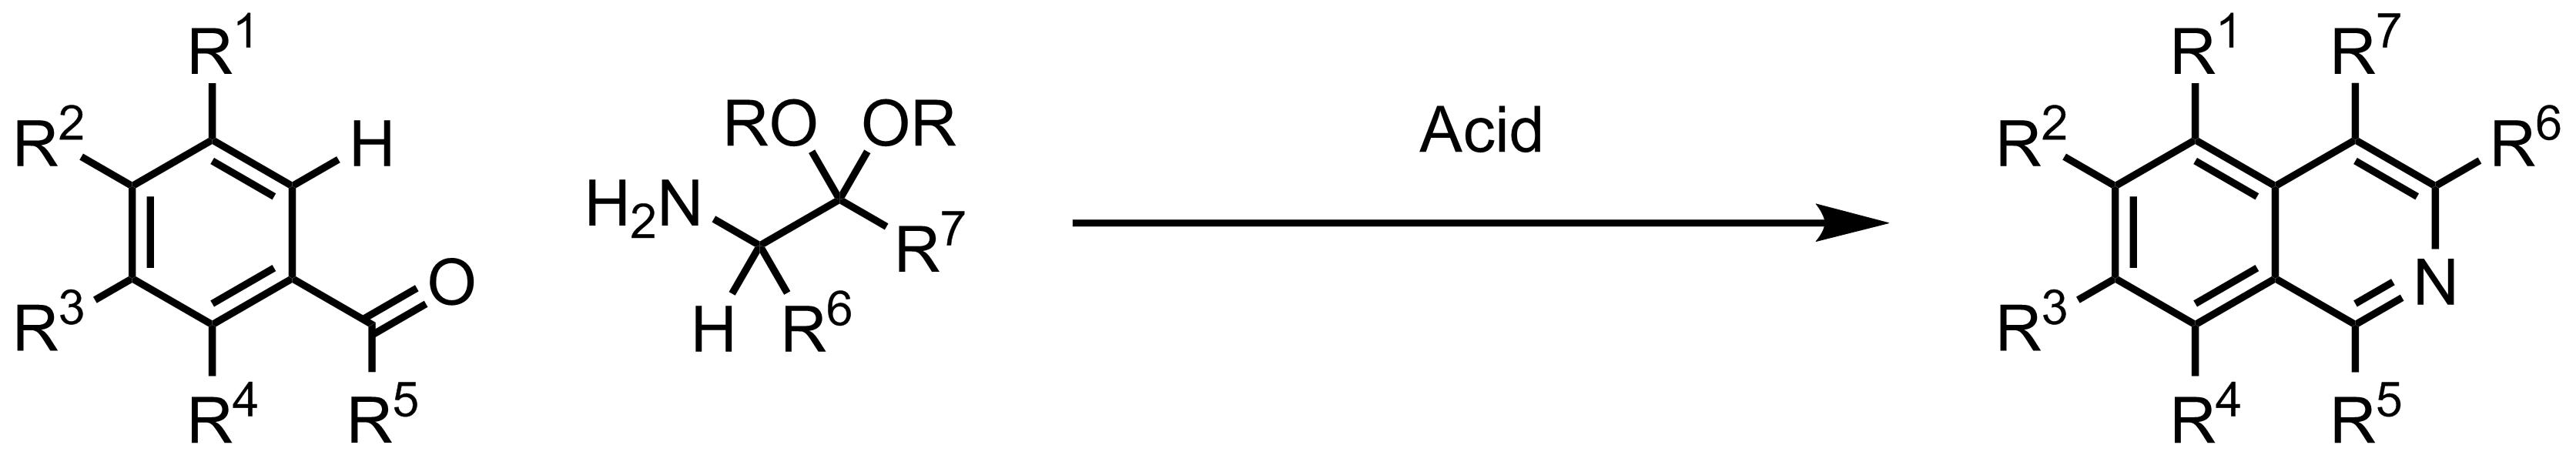 Schematic representation of the Pomeranz-Fritsch Isoquinoline Synthesis.